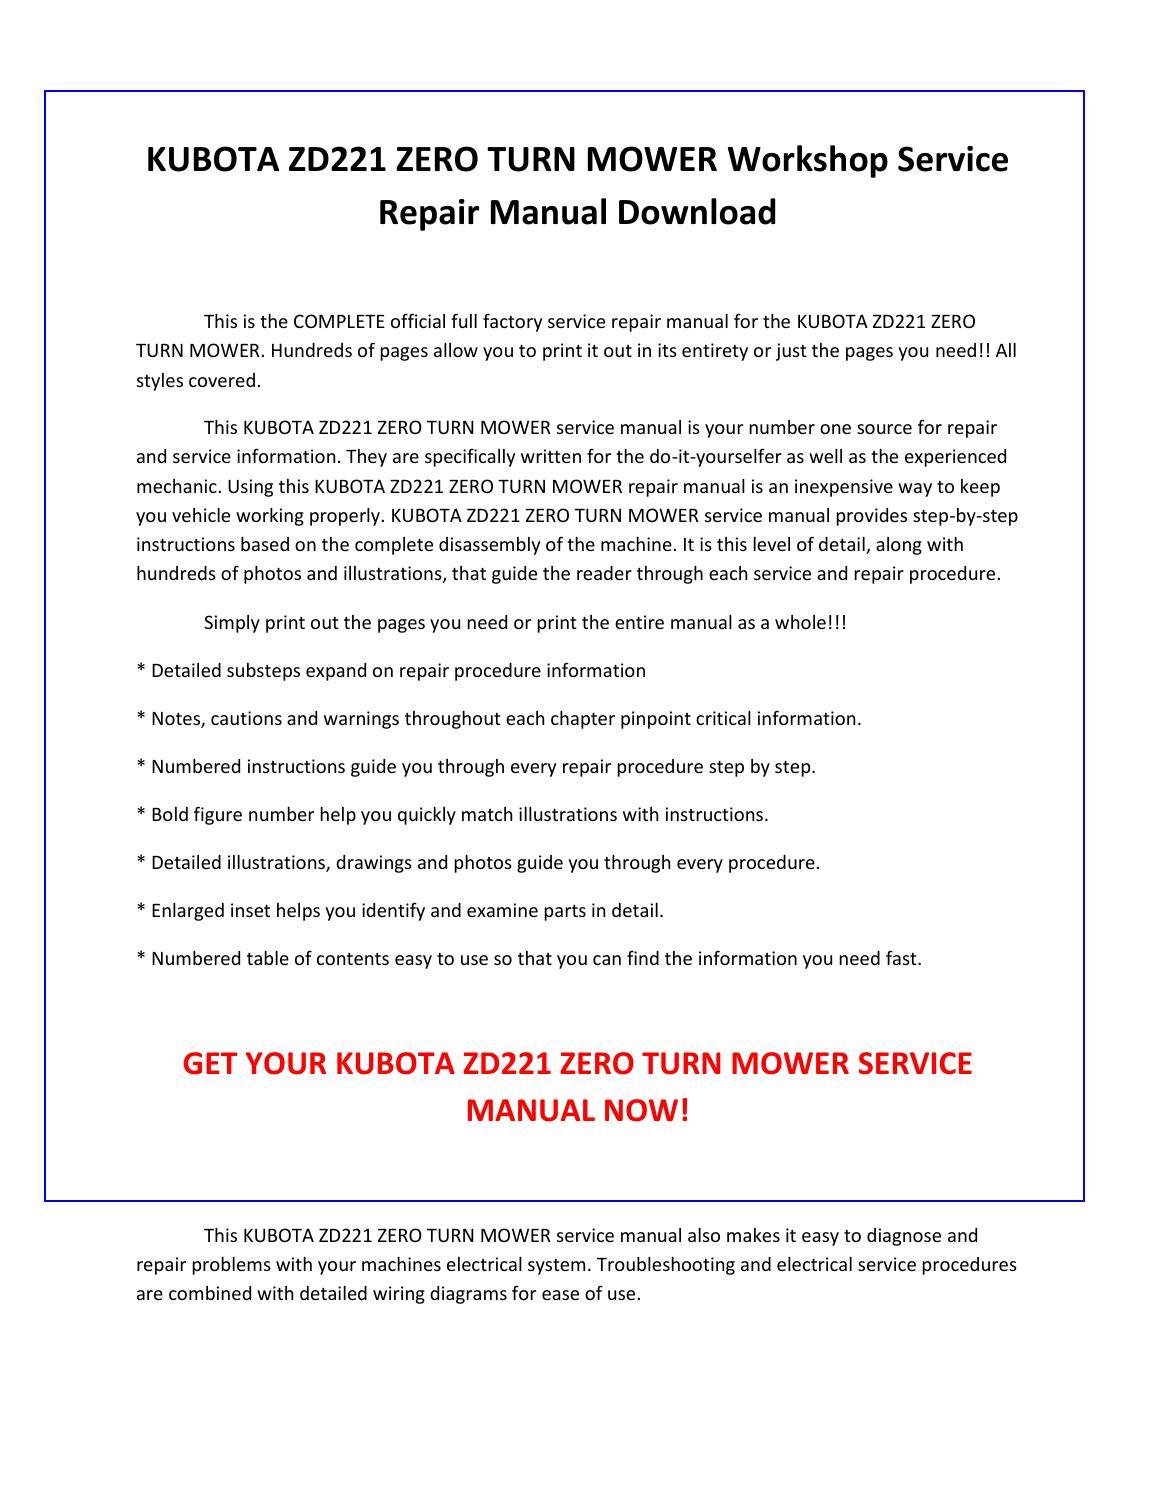 Kubota Zd221 Zero Turn Mower Service Repair Manual Pdf Manual Guide